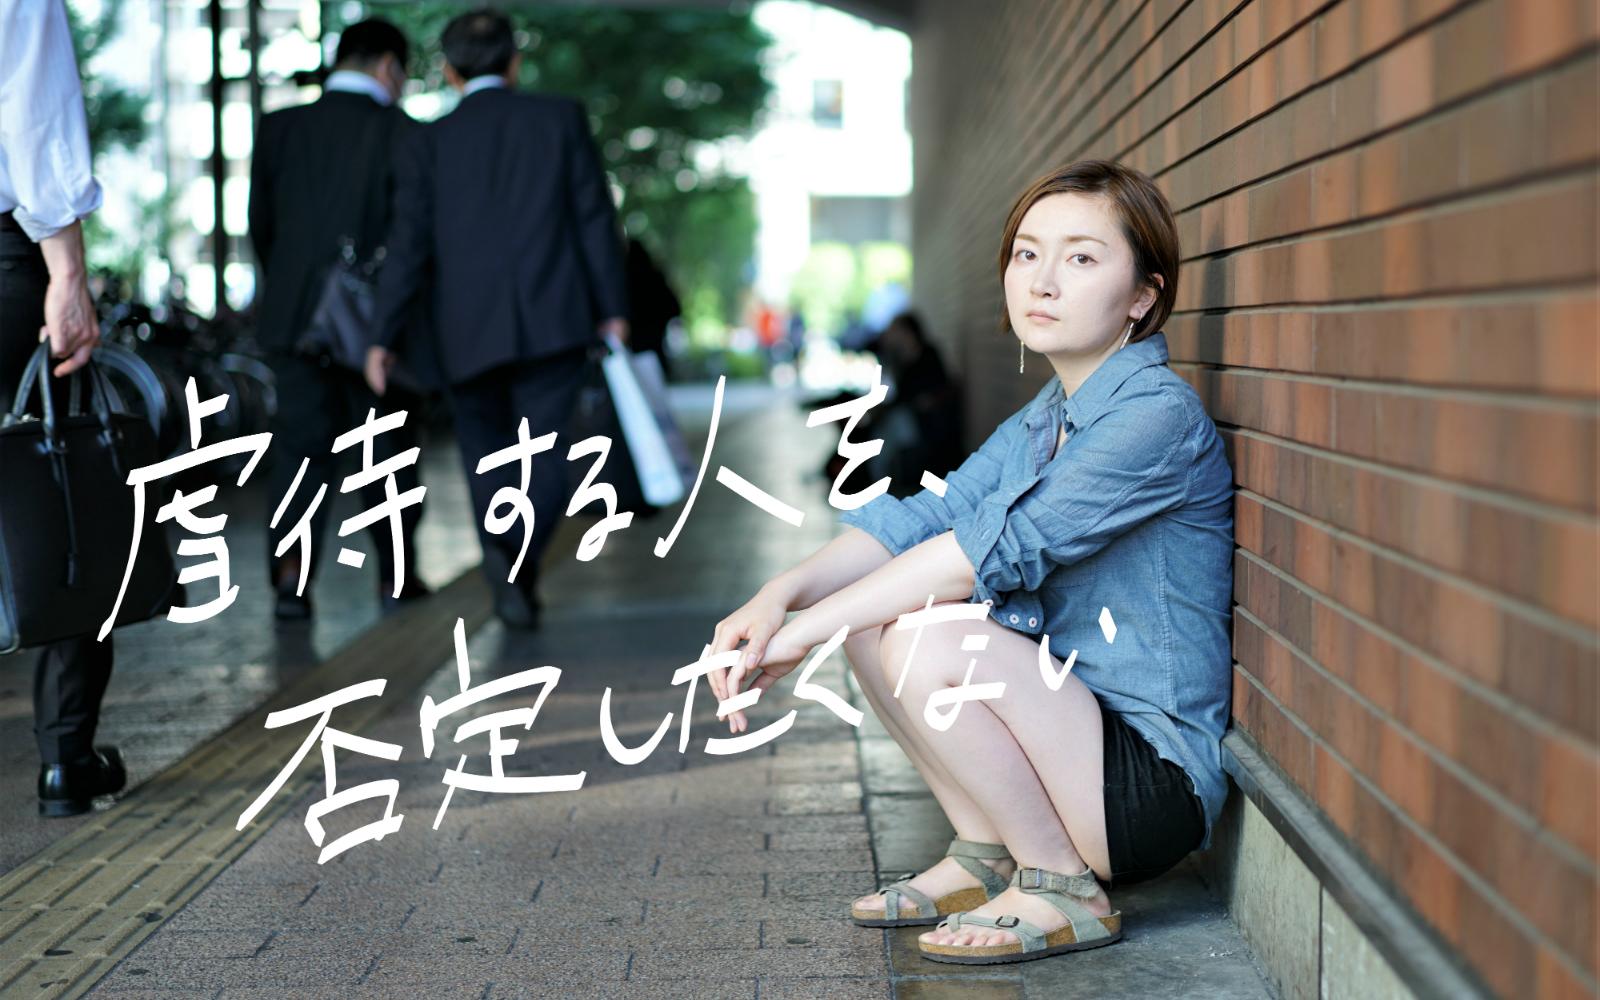 作家としてノンフィクション・ノベル「家出ファミリー」を上梓した田村真菜さん